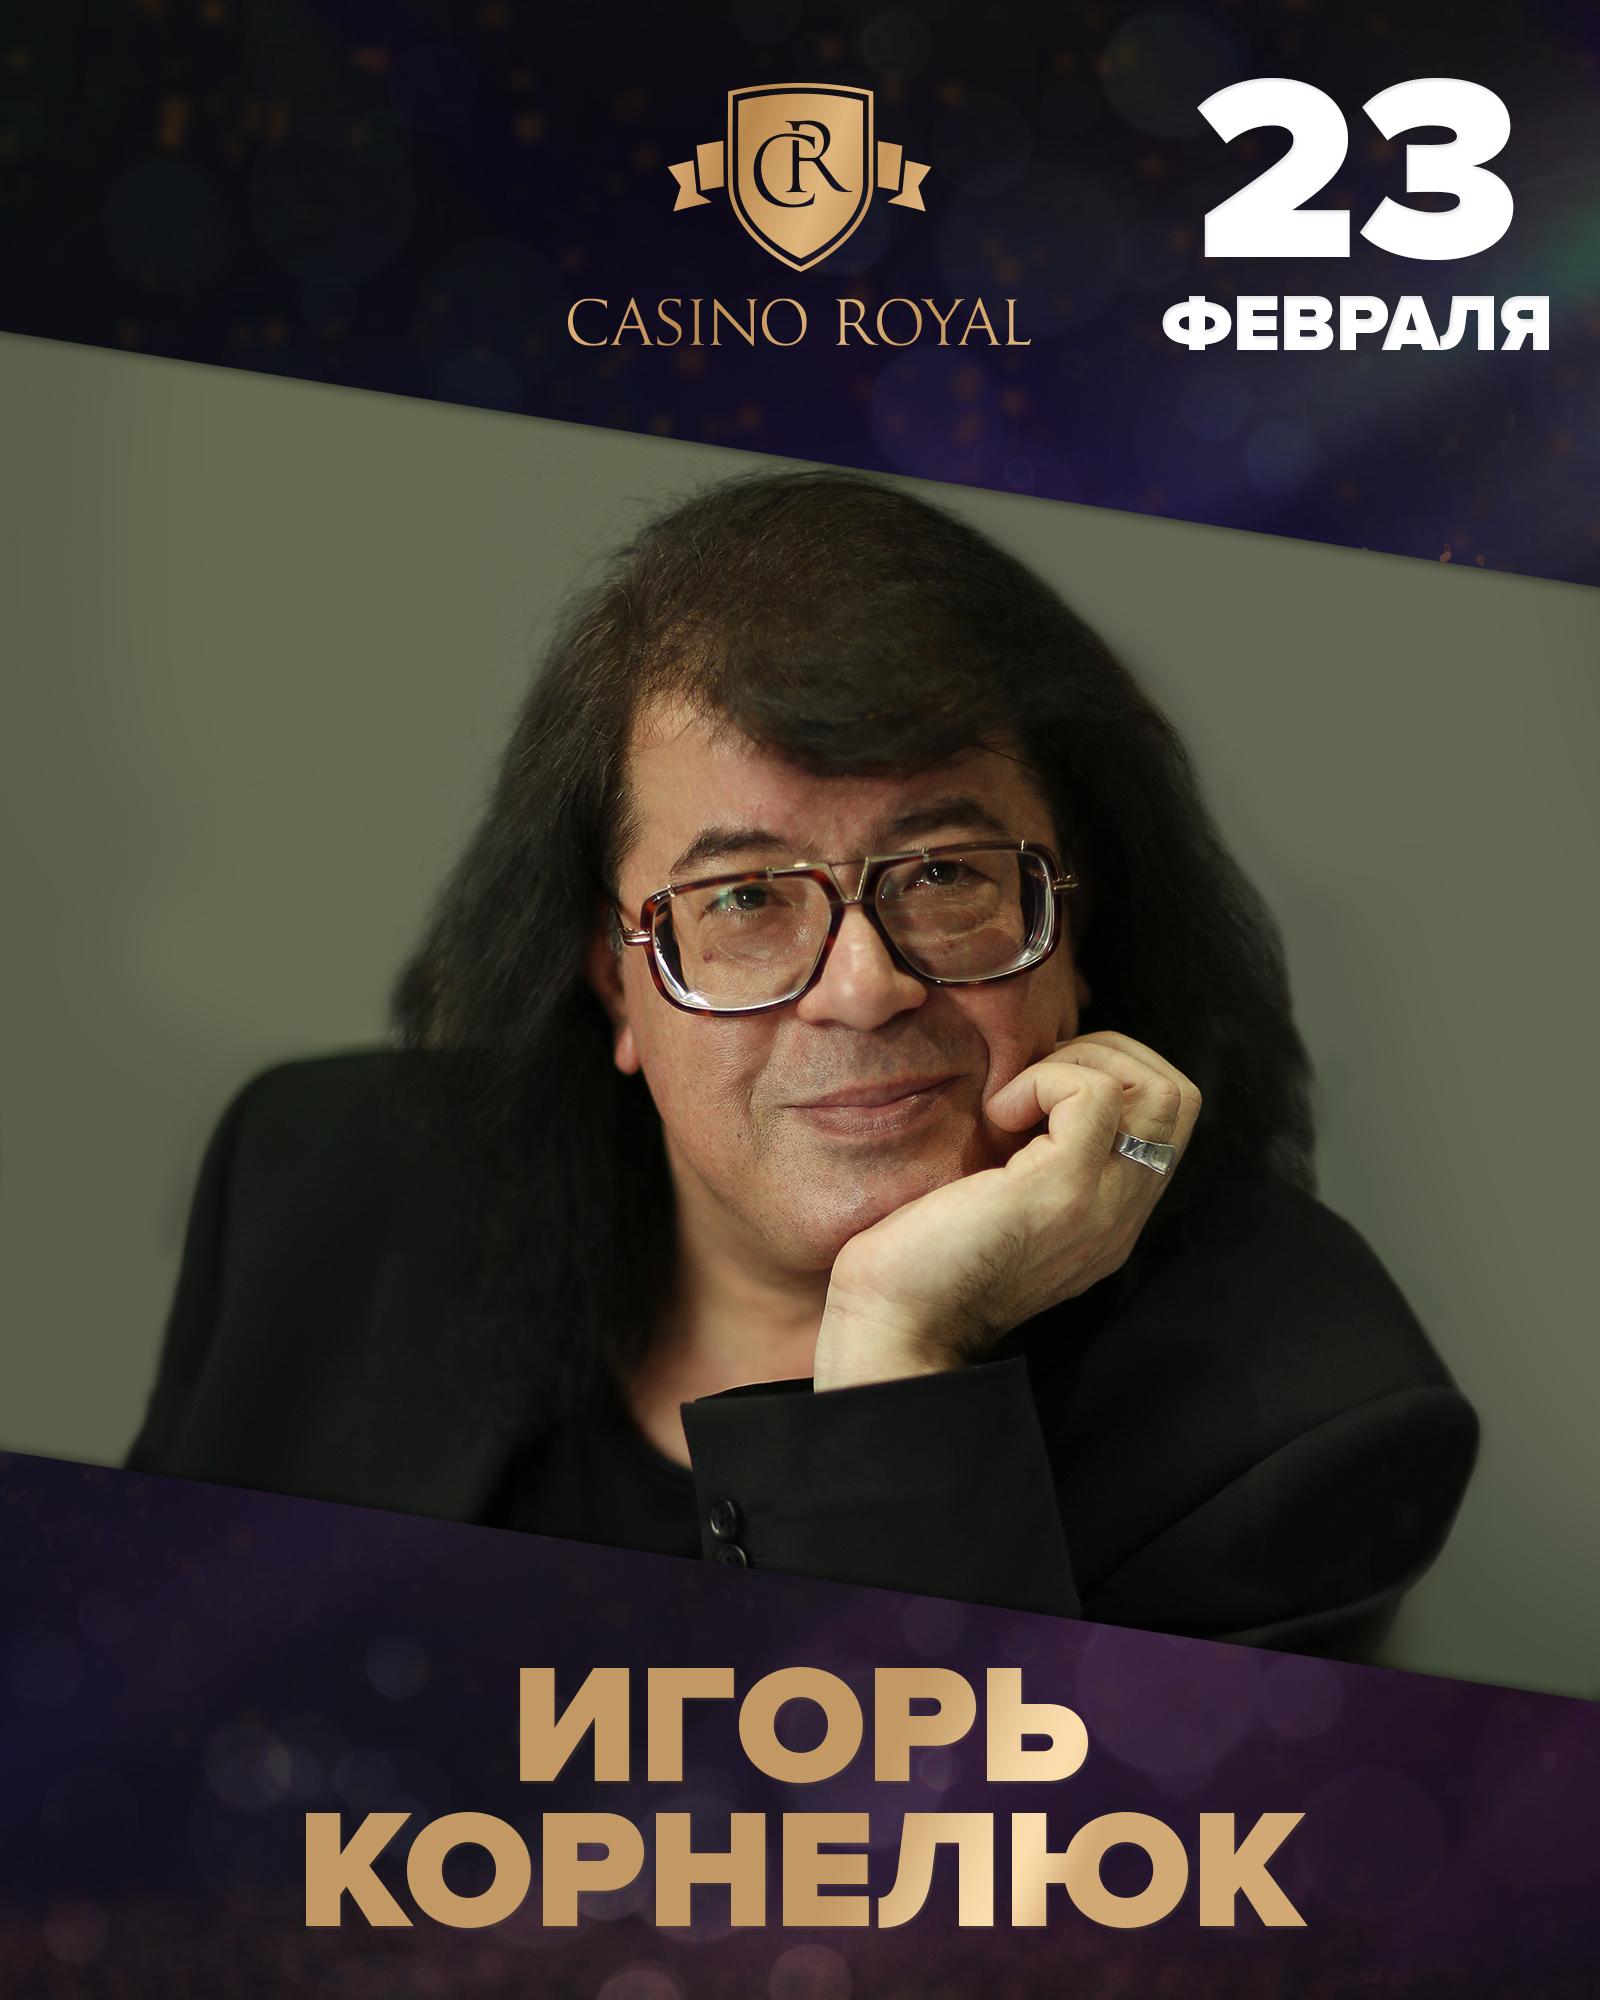 Игорь Корнелюк выступит в казино Royal